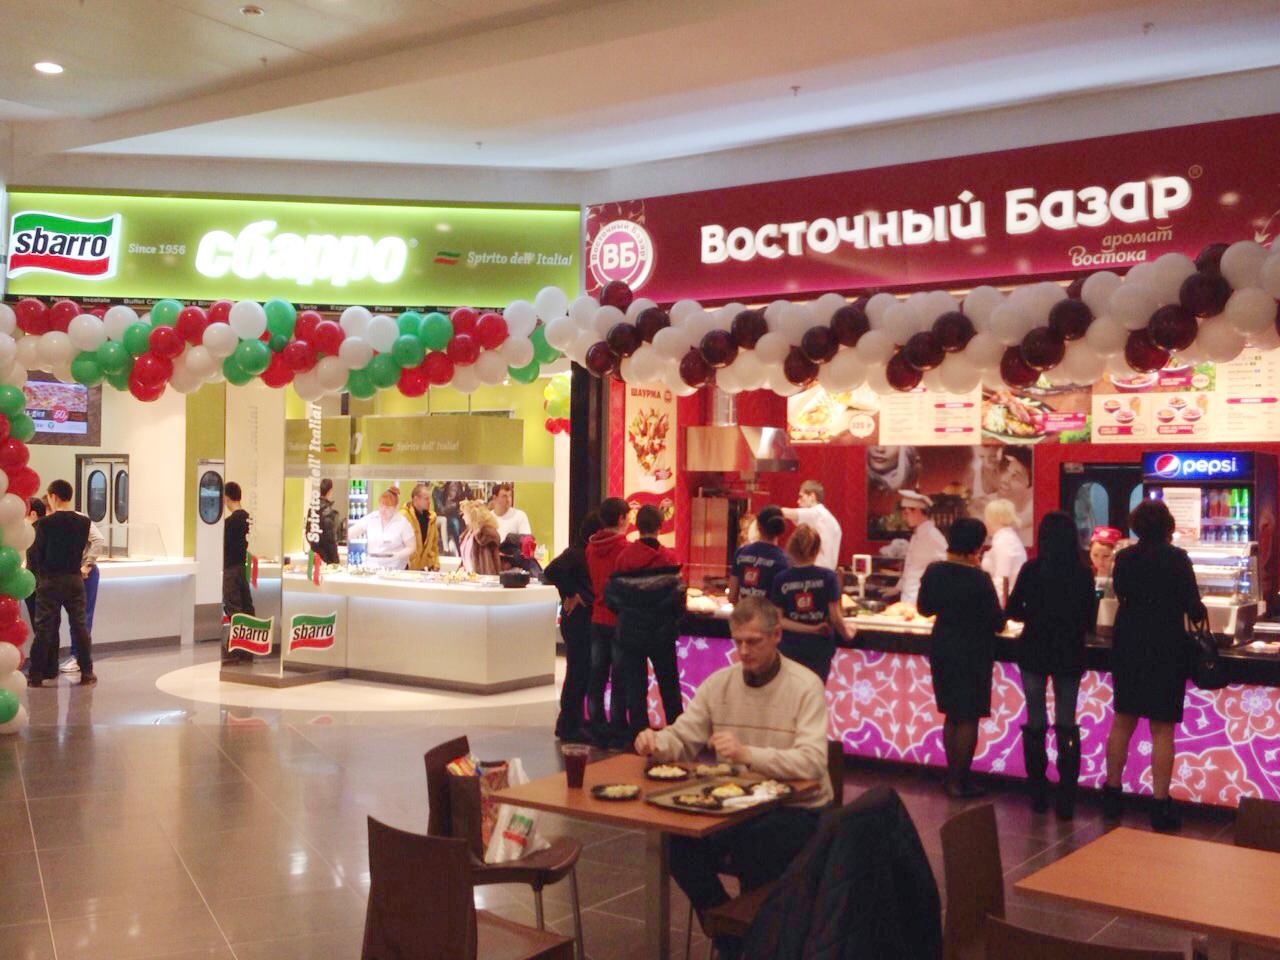 Международная и федеральная сети «Сбарро» и «Восточный Базар» пришли в Новый Уренгой